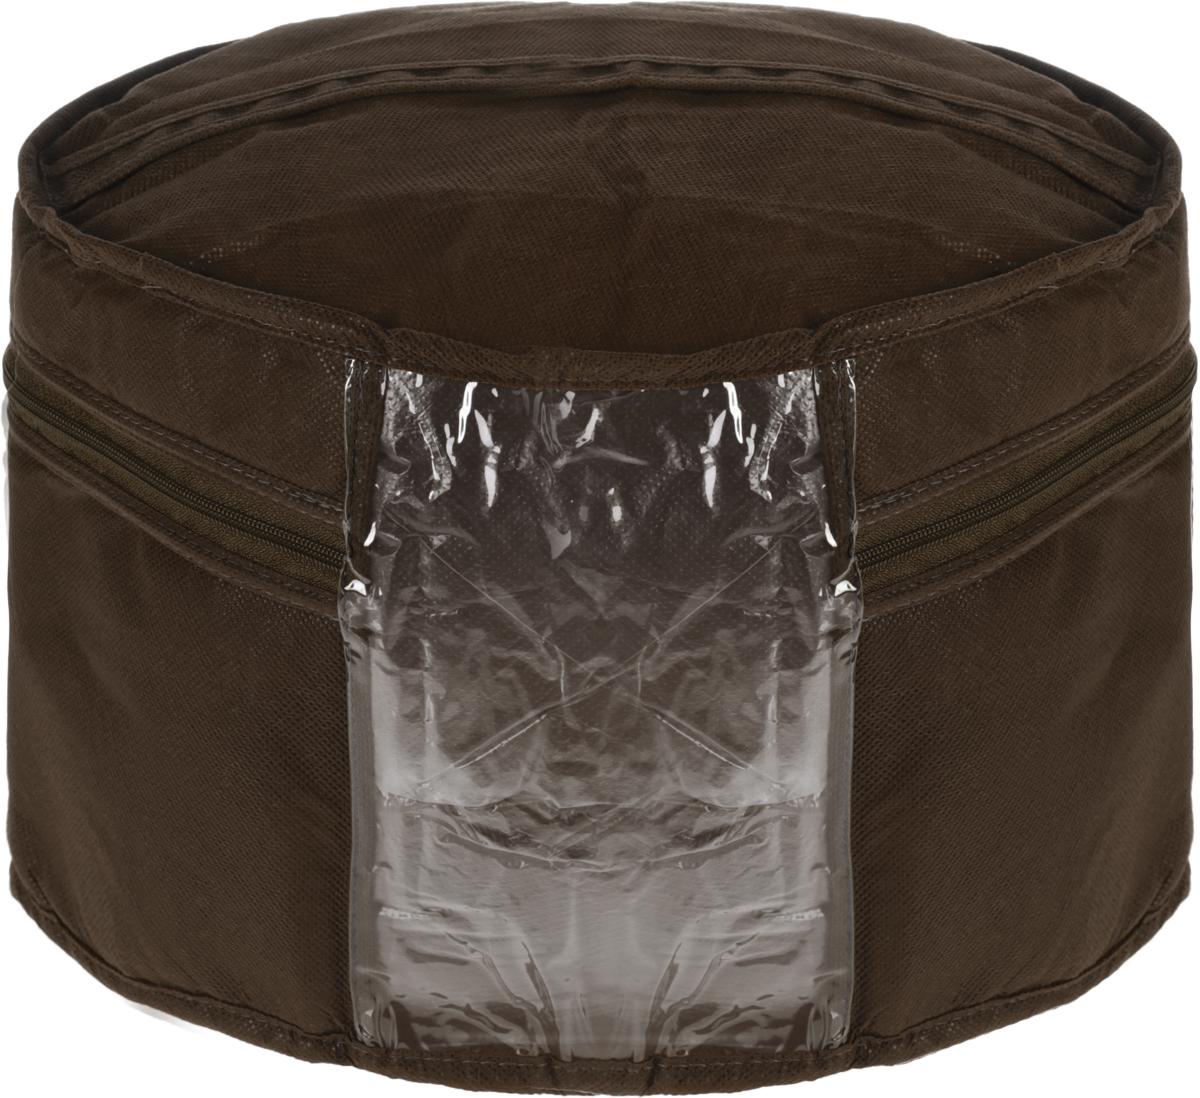 Кофр для головных уборов Все на местах Minimalistic, цвет: темно-коричневый, 35 х 20 см1015006.Кофр для вещей Все на местах Minimalistic изготовлен из сочетания спанбонда и ПВХ. Дышащая ткань позволяет вещам проветриваться, но препятствует проникновению пыли и насекомых. В стенках уплотнитель, что позволяет кофру держать форму. Прозрачная вставка из пластика позволяет видеть, что внутри. Модель снабжена удобной ручкой и надежной молнией. Застегивается на застежку-молнию. Размеры: 35 х 20 см.